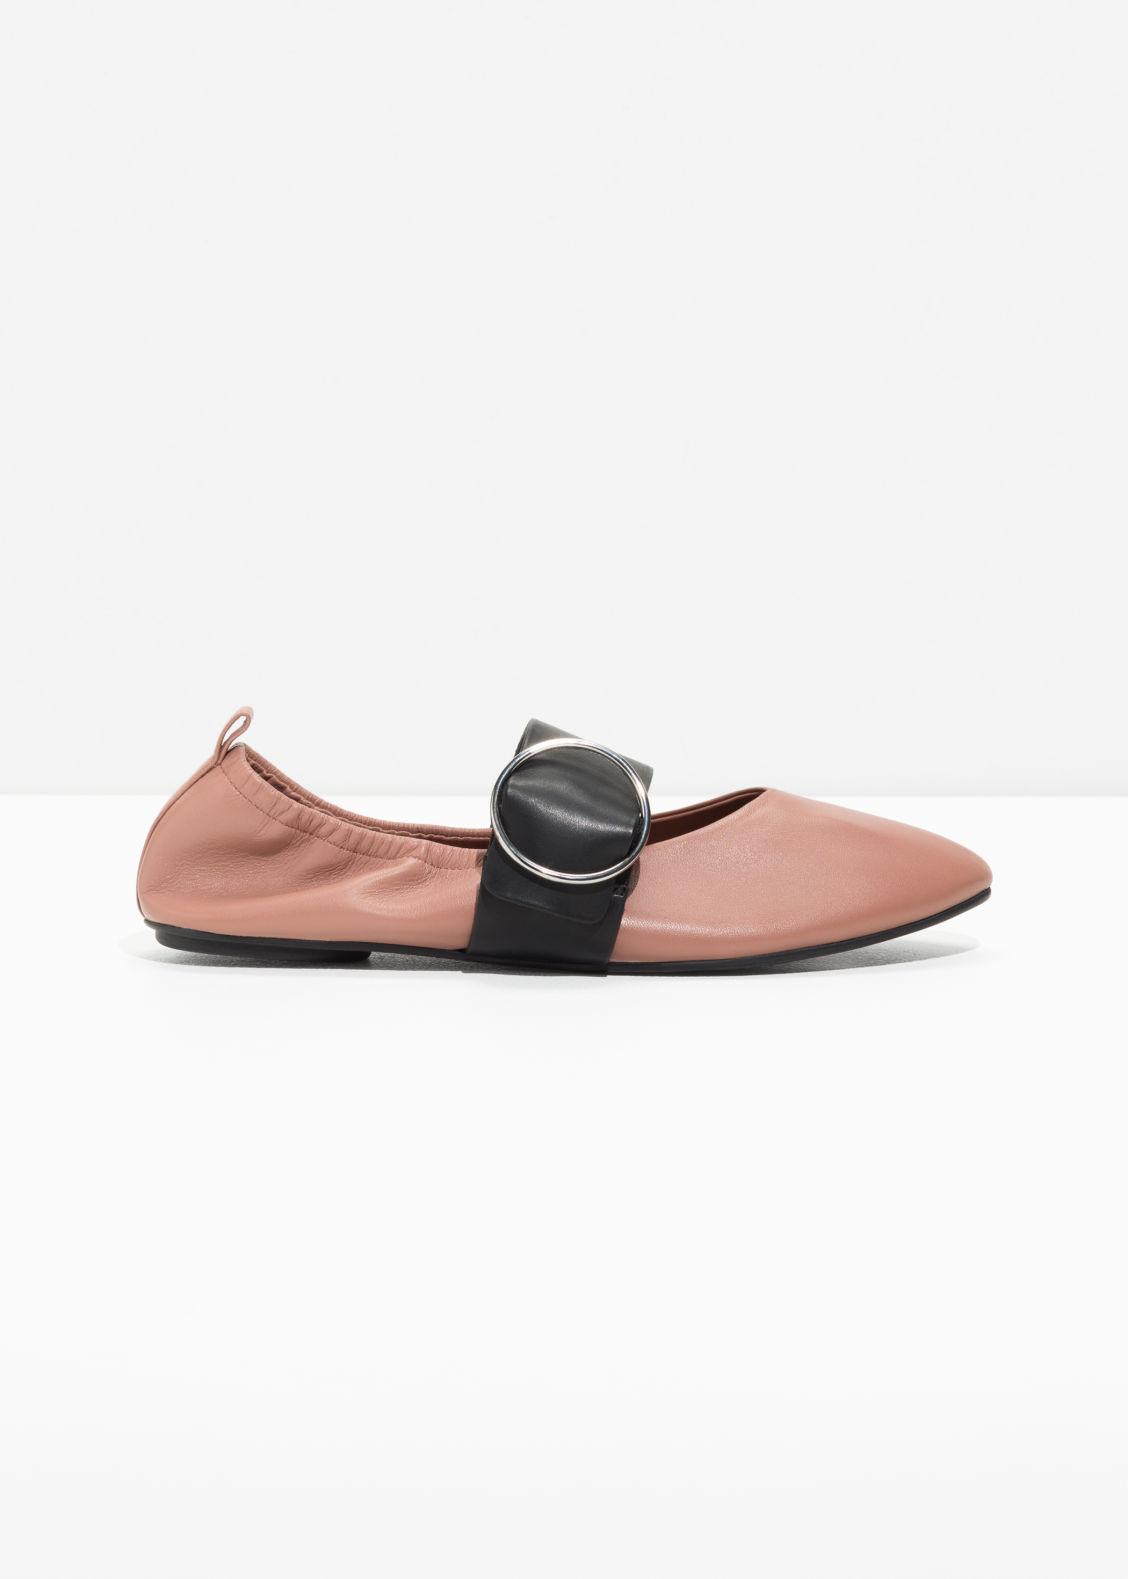 & OTHER STORIES Ballerina Buckle Flats - Orange Compre barato Encuentre excelente Venta barata en Español Precio bajo de liquidación Alta calidad AjnEmAbu